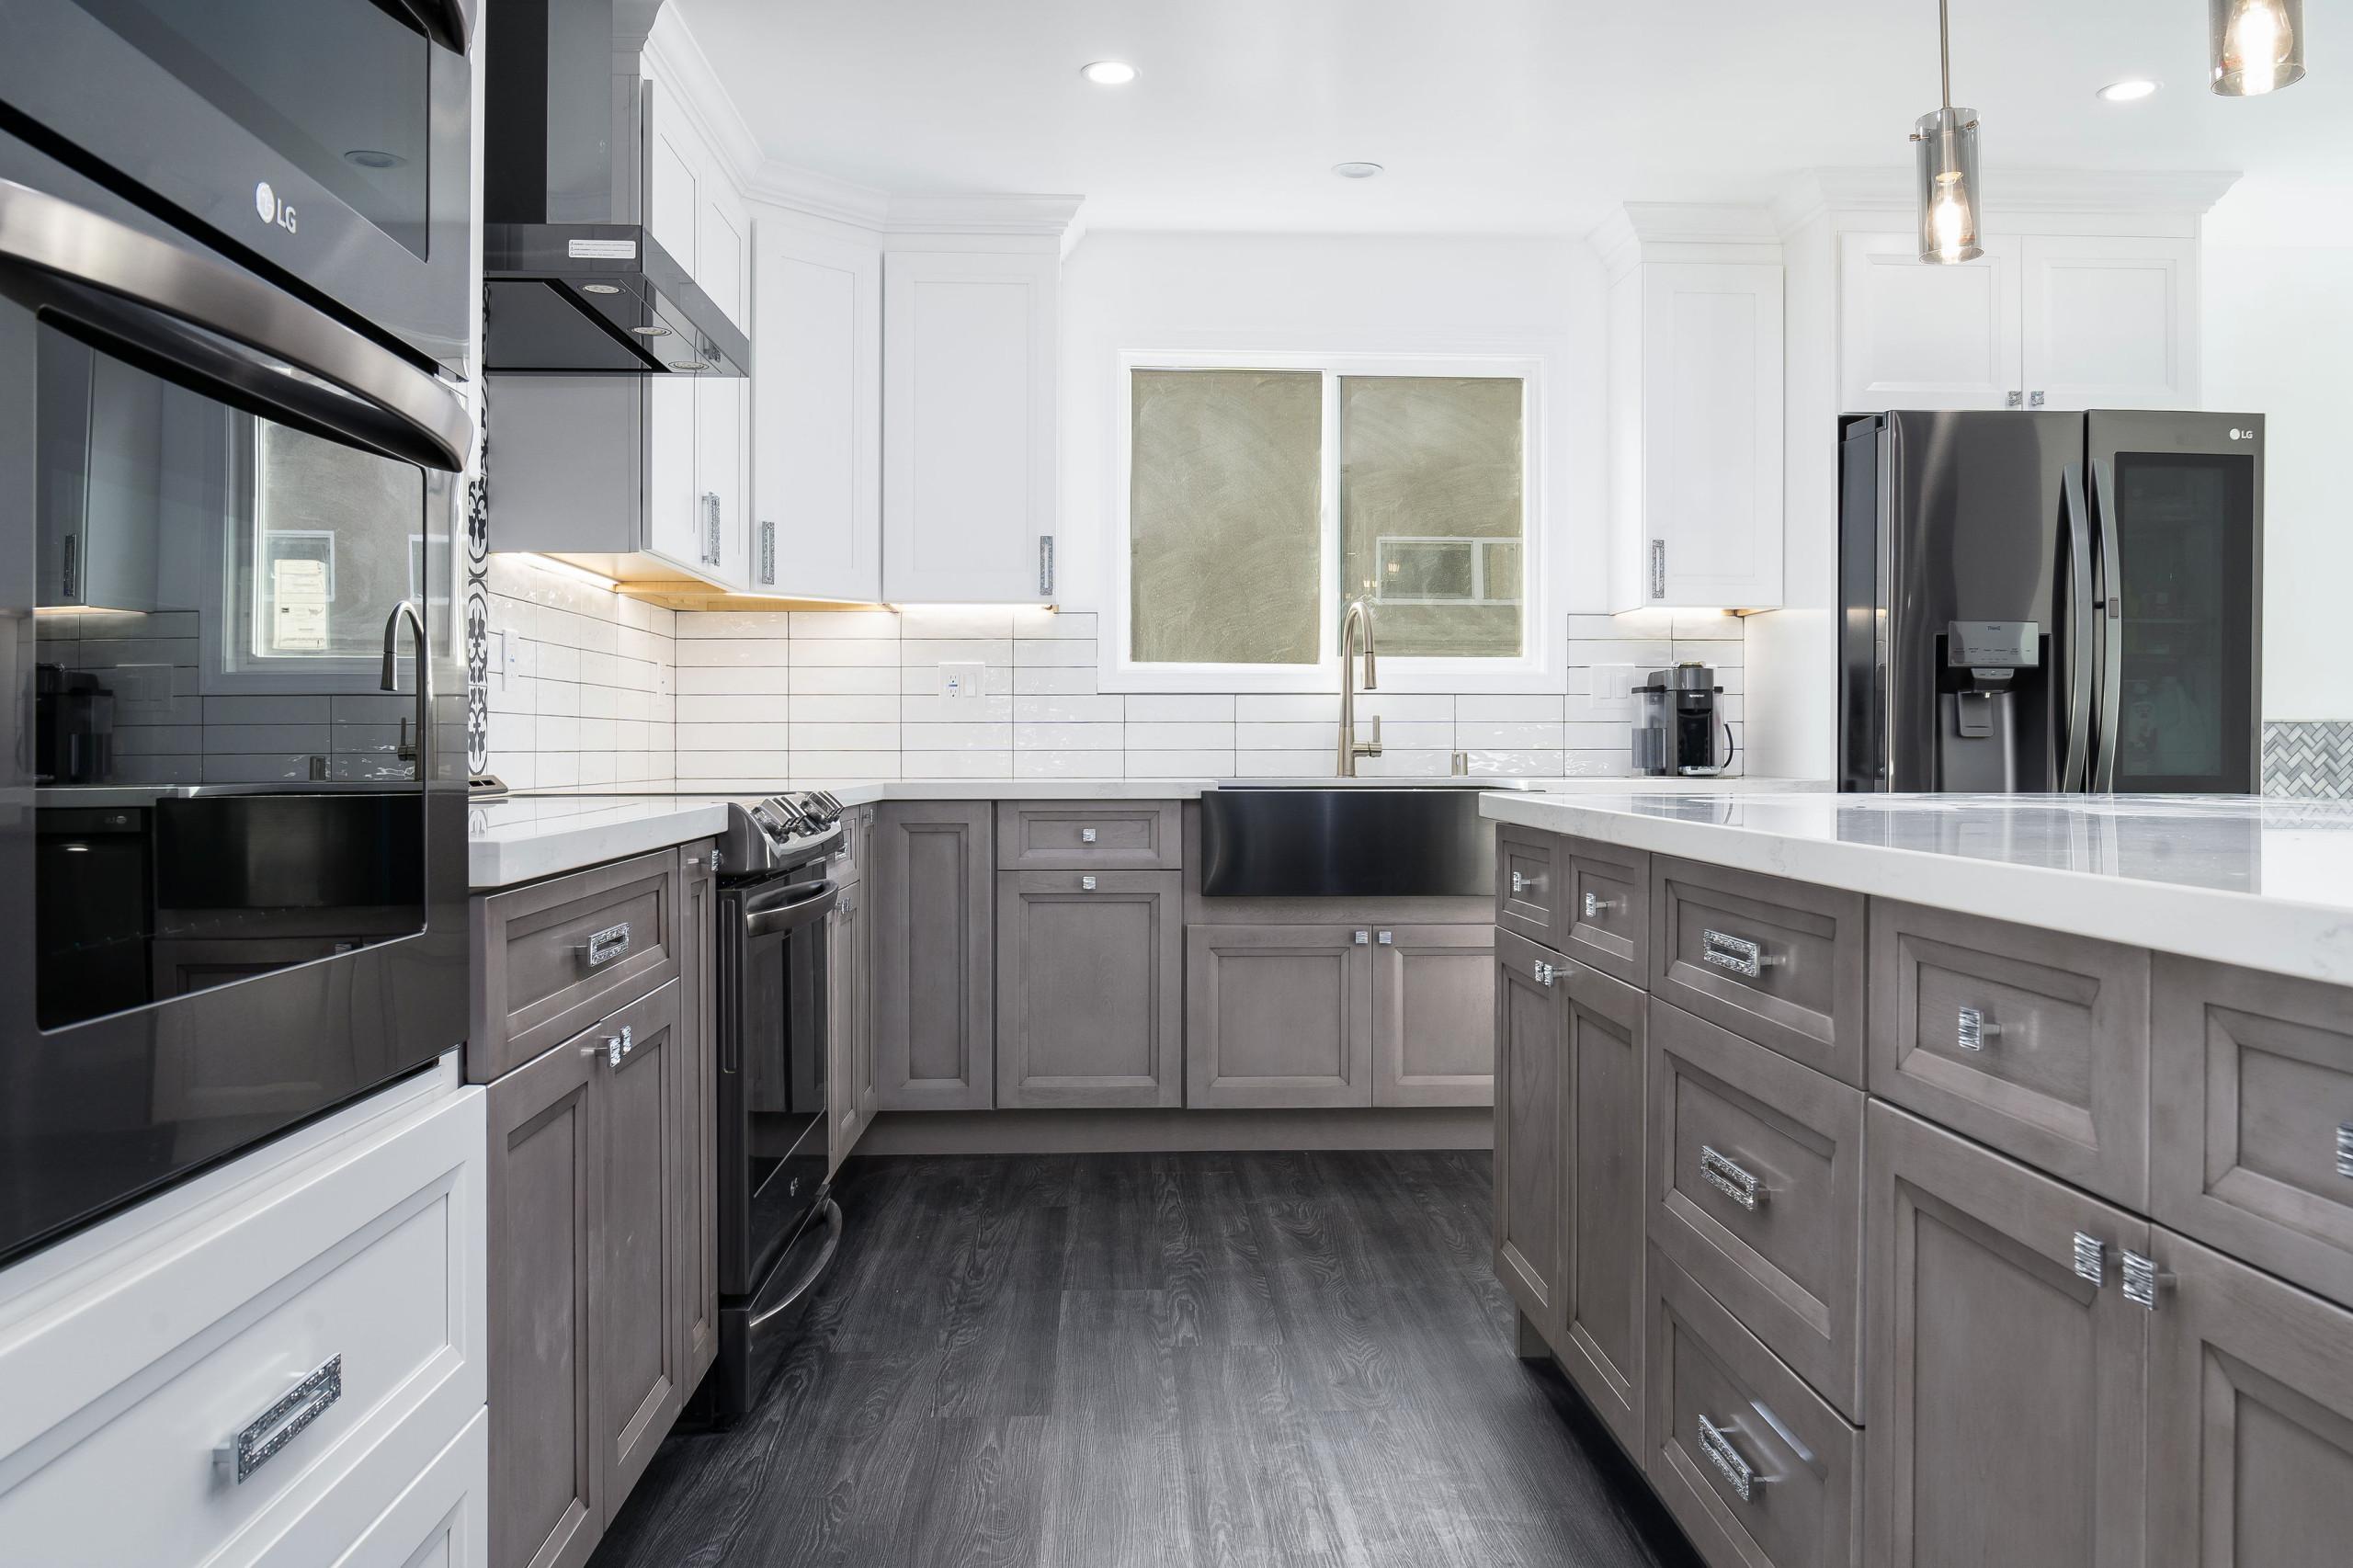 Home Remodel - San Jose